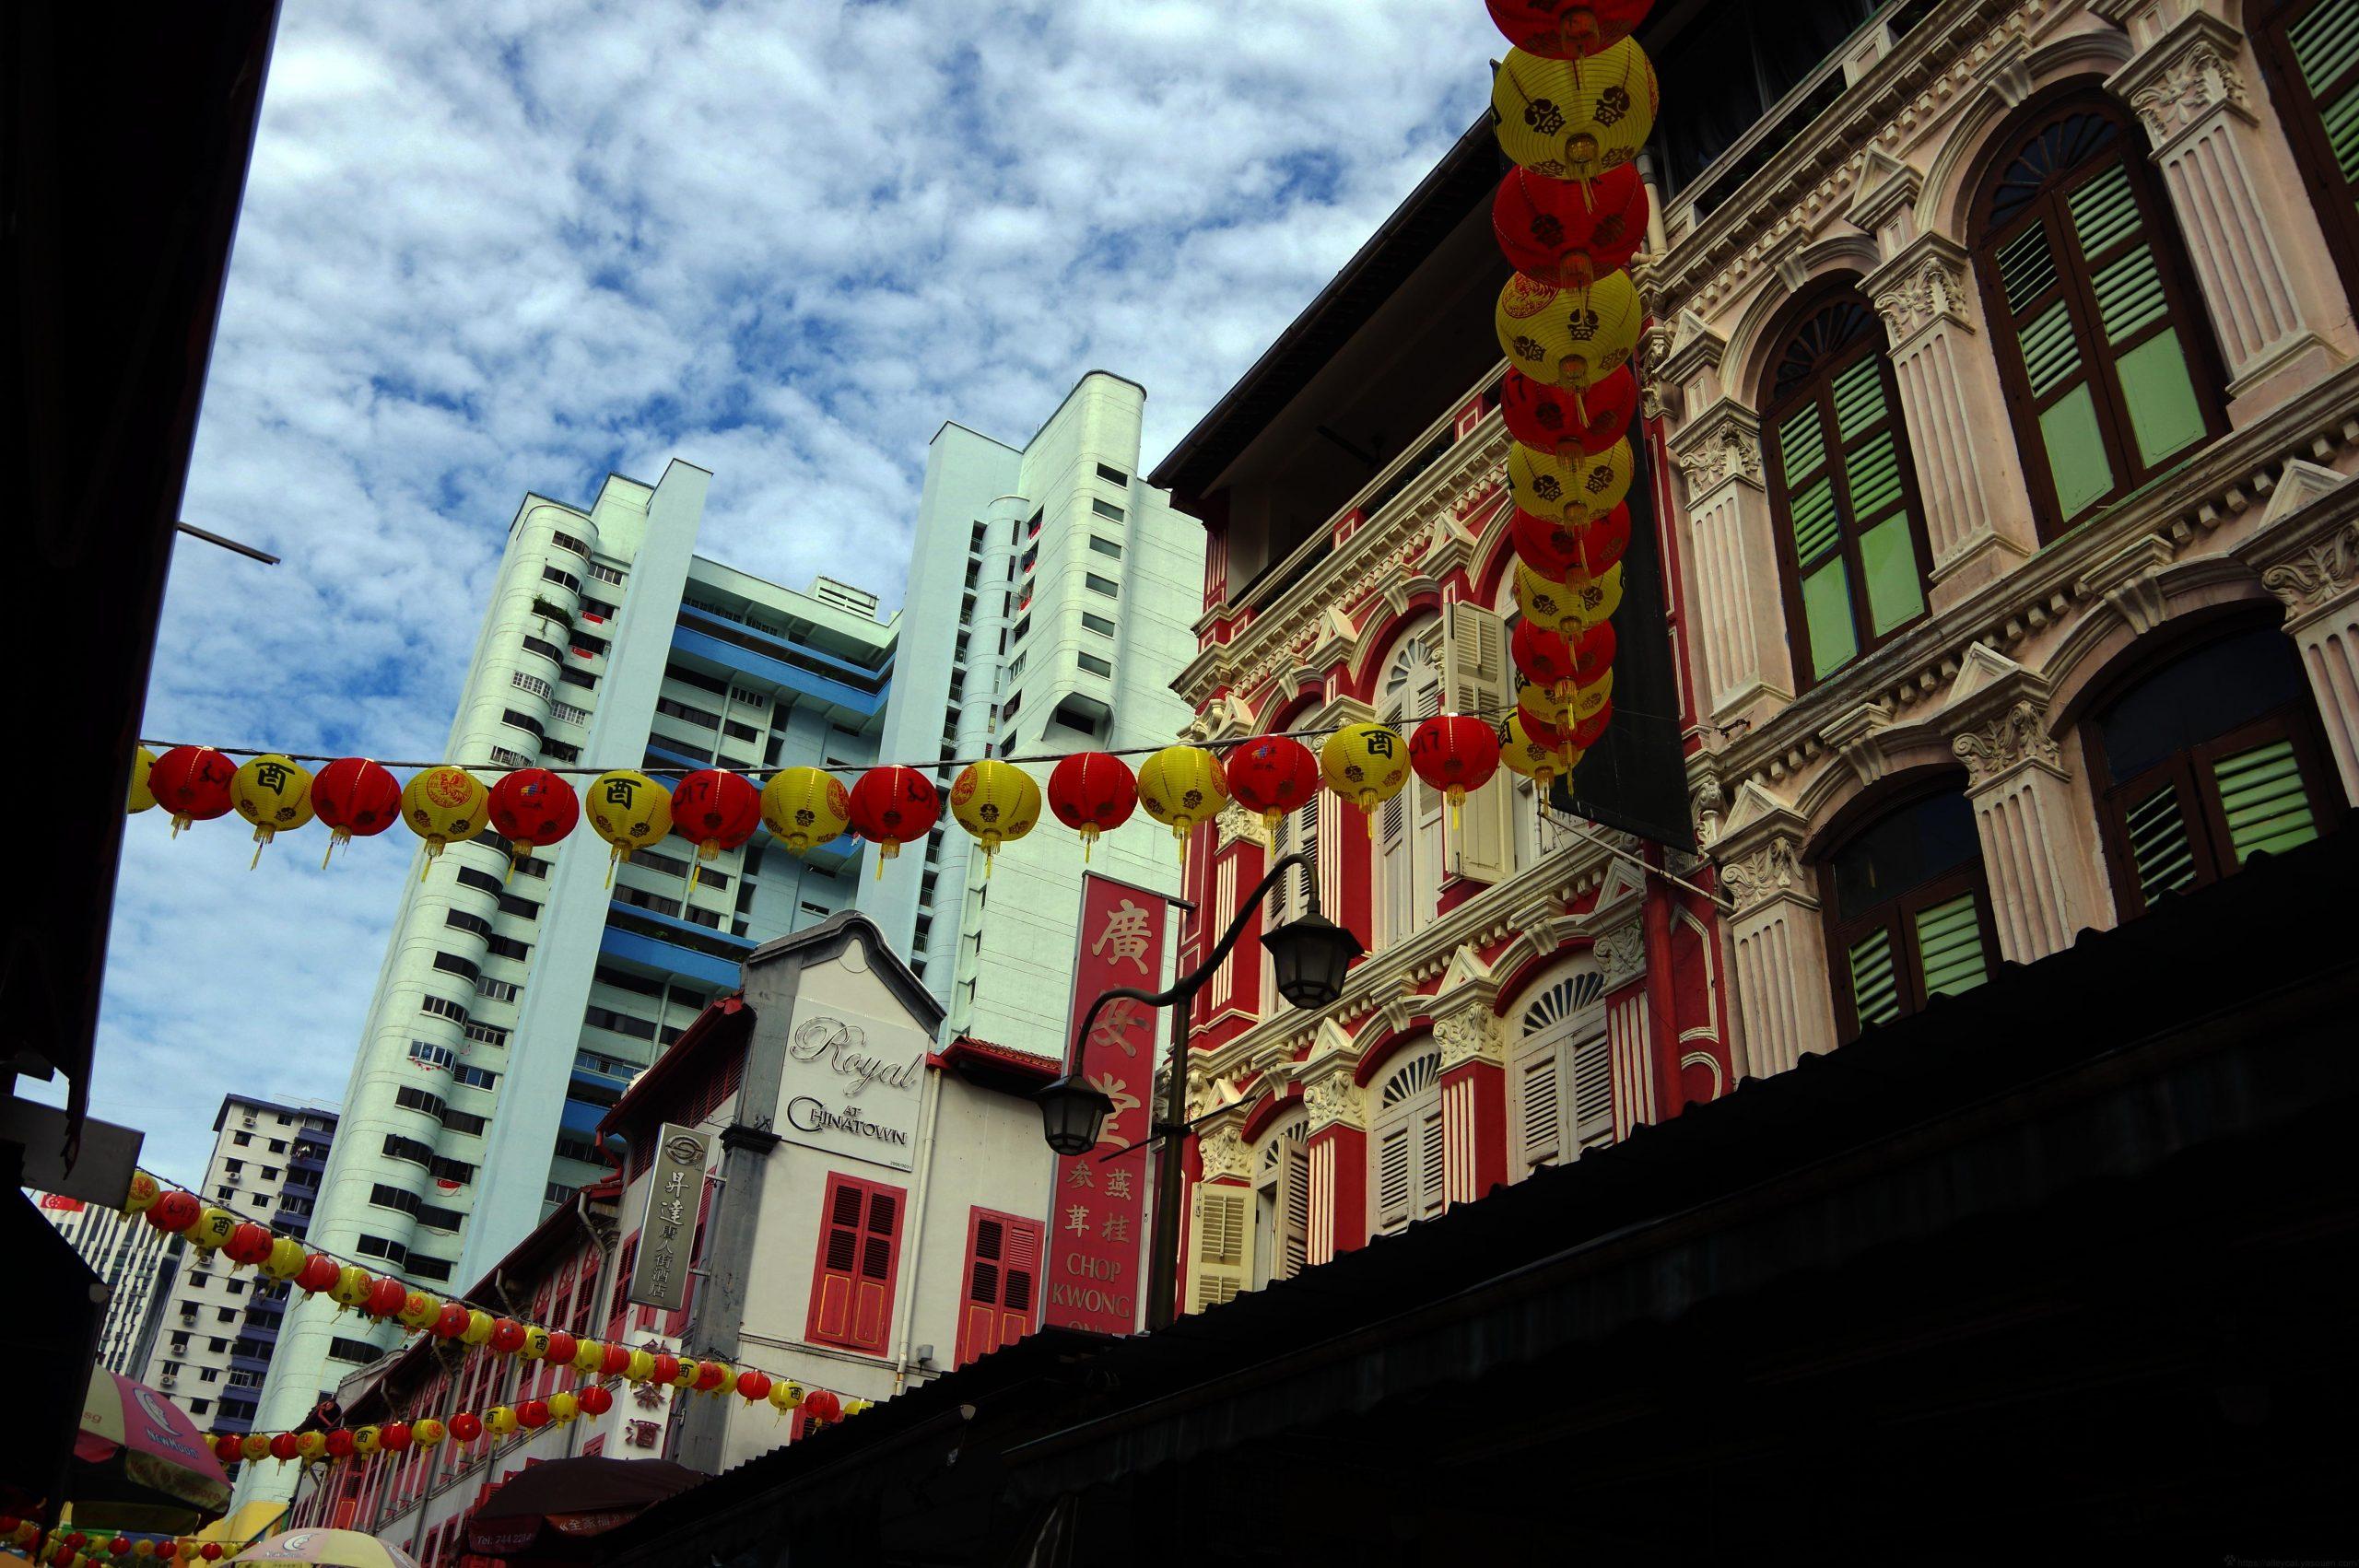 Singapore, Singapore, 2017